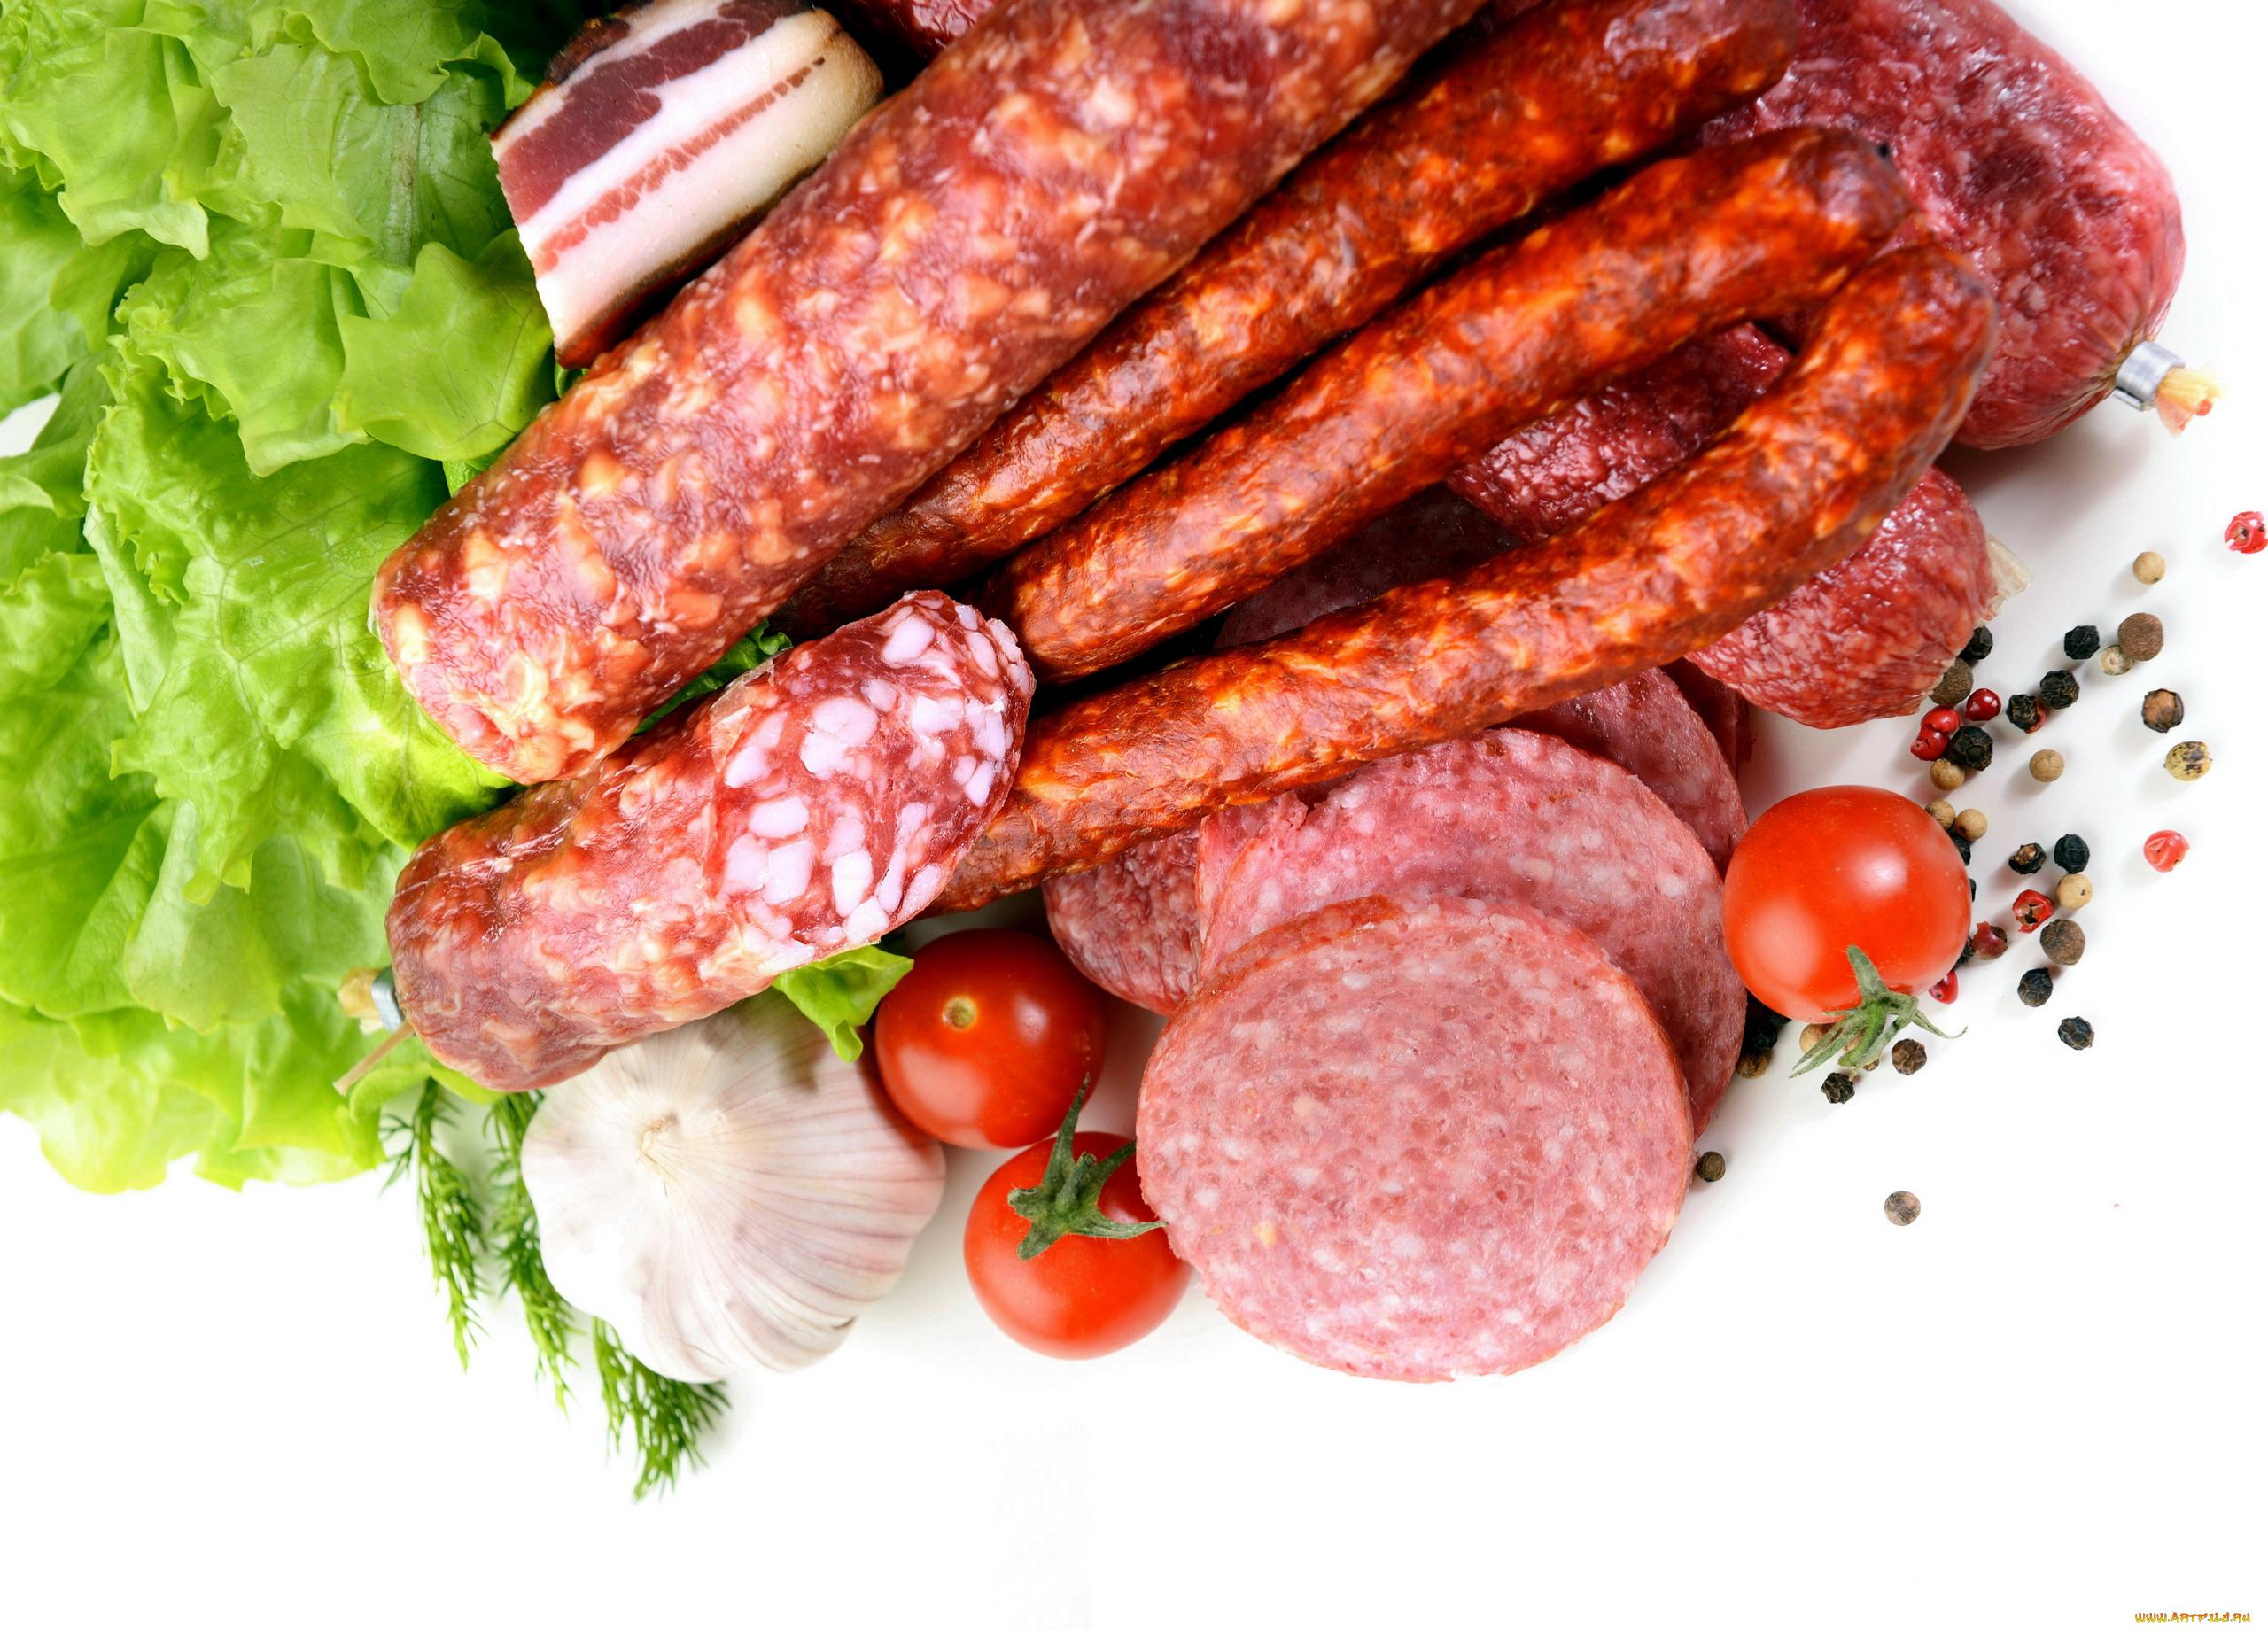 еда колбаса сосиски мясо салат  № 2121913 загрузить